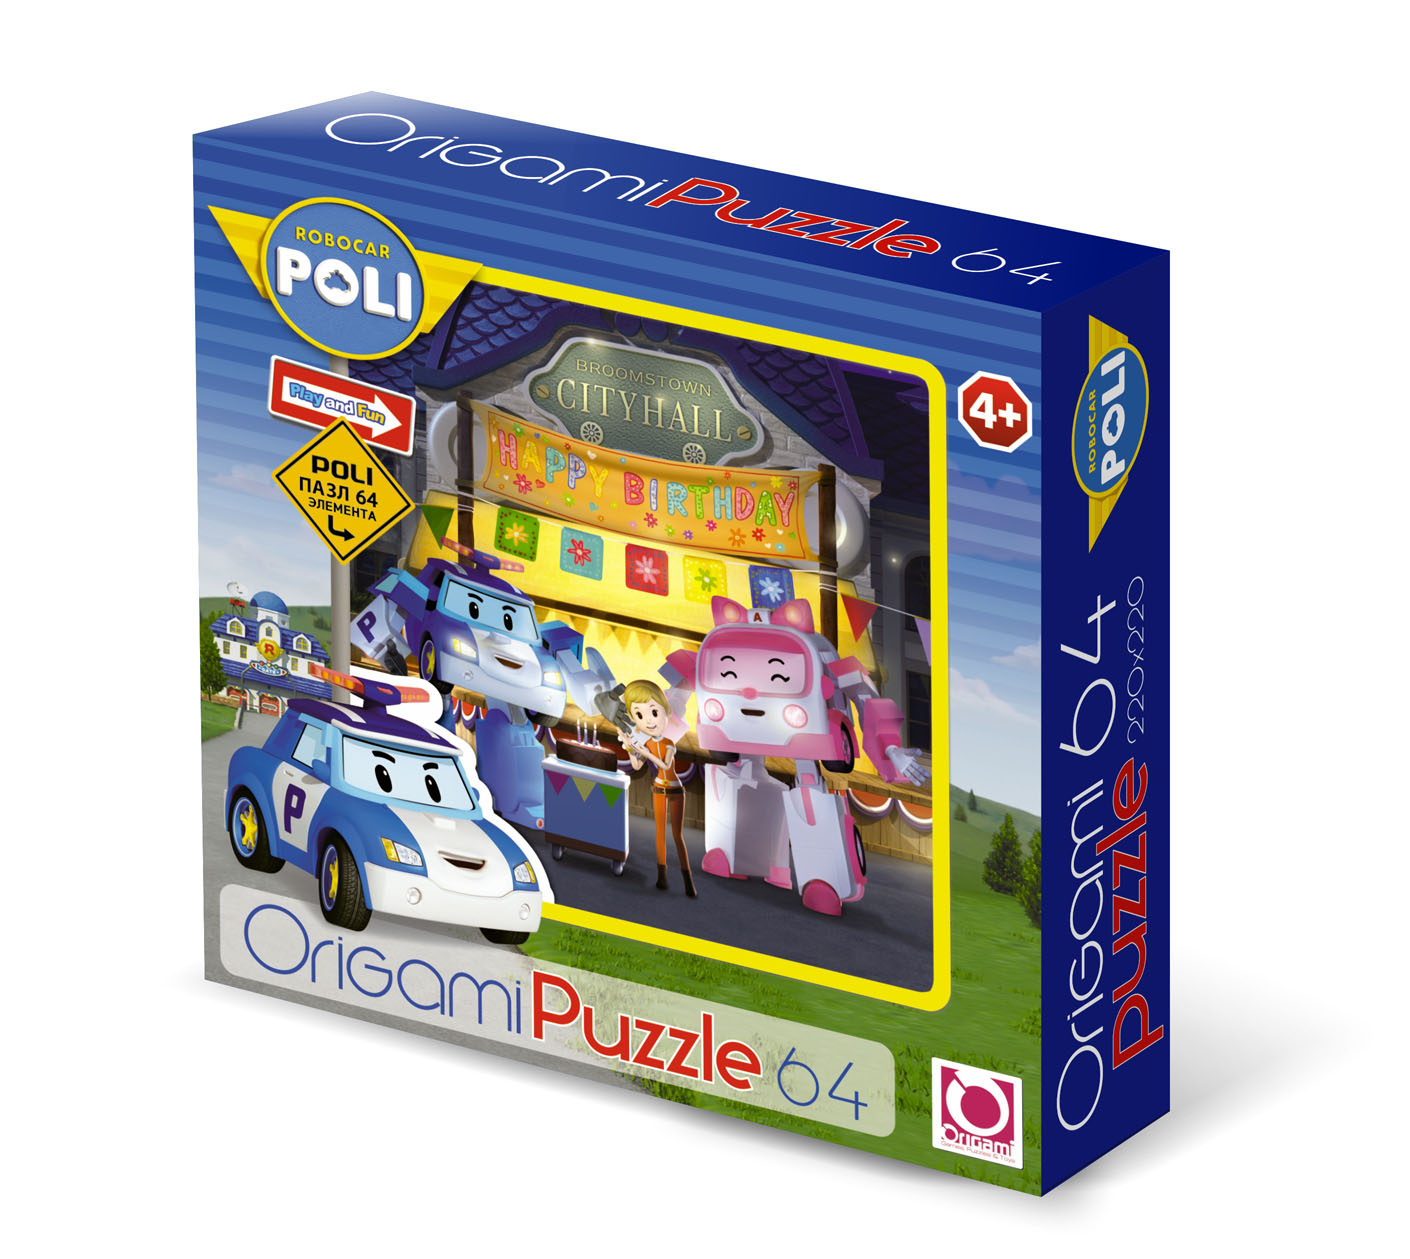 Паззл Robocar Poli 64 элементаRobocar Poli. Робокар Поли и его друзья<br>Паззл Robocar Poli 64 элемента<br>